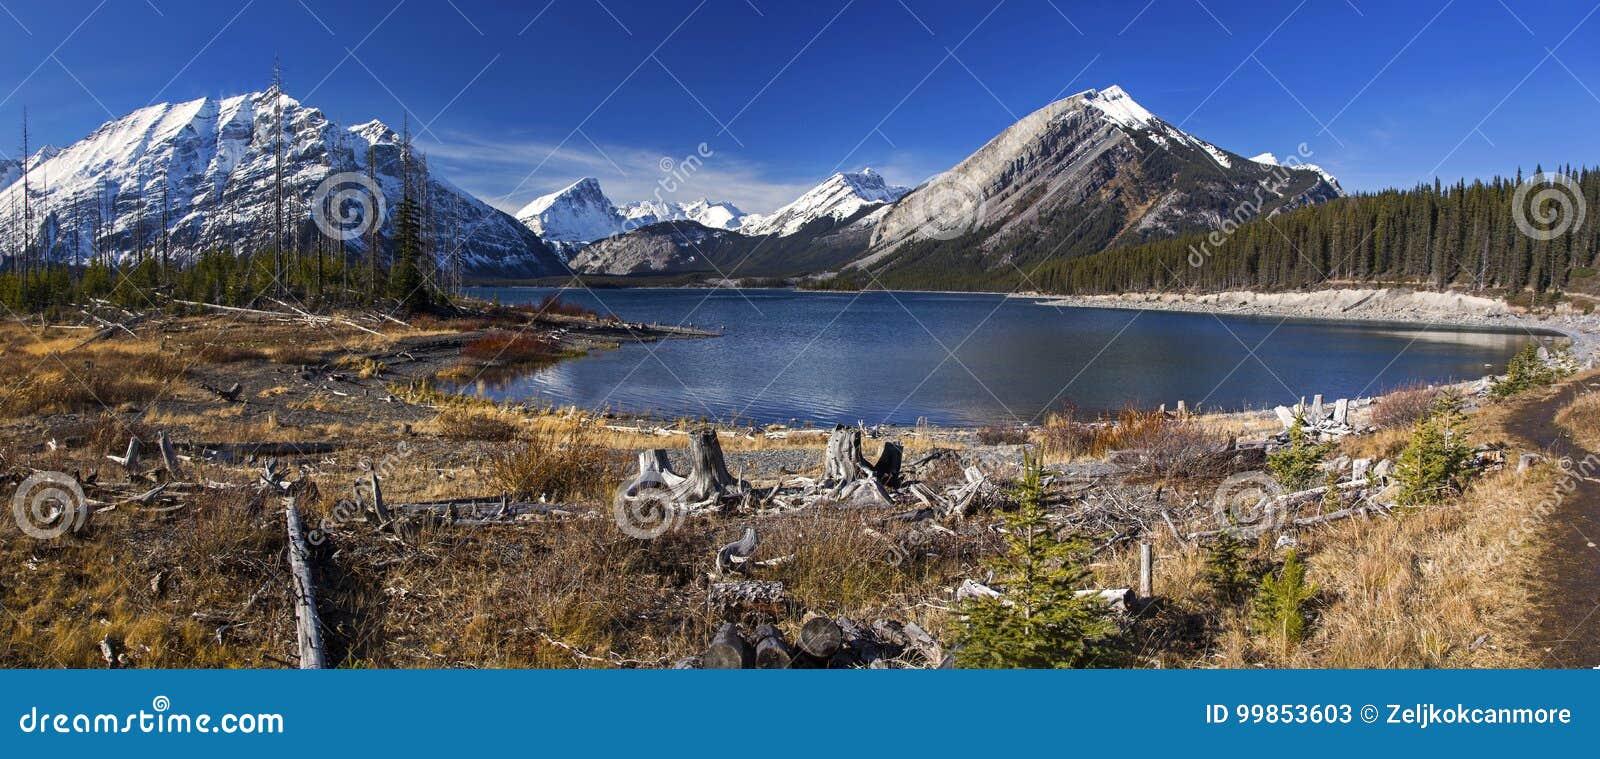 Górne Kanananskis Jeziorne Skaliste góry Kanada